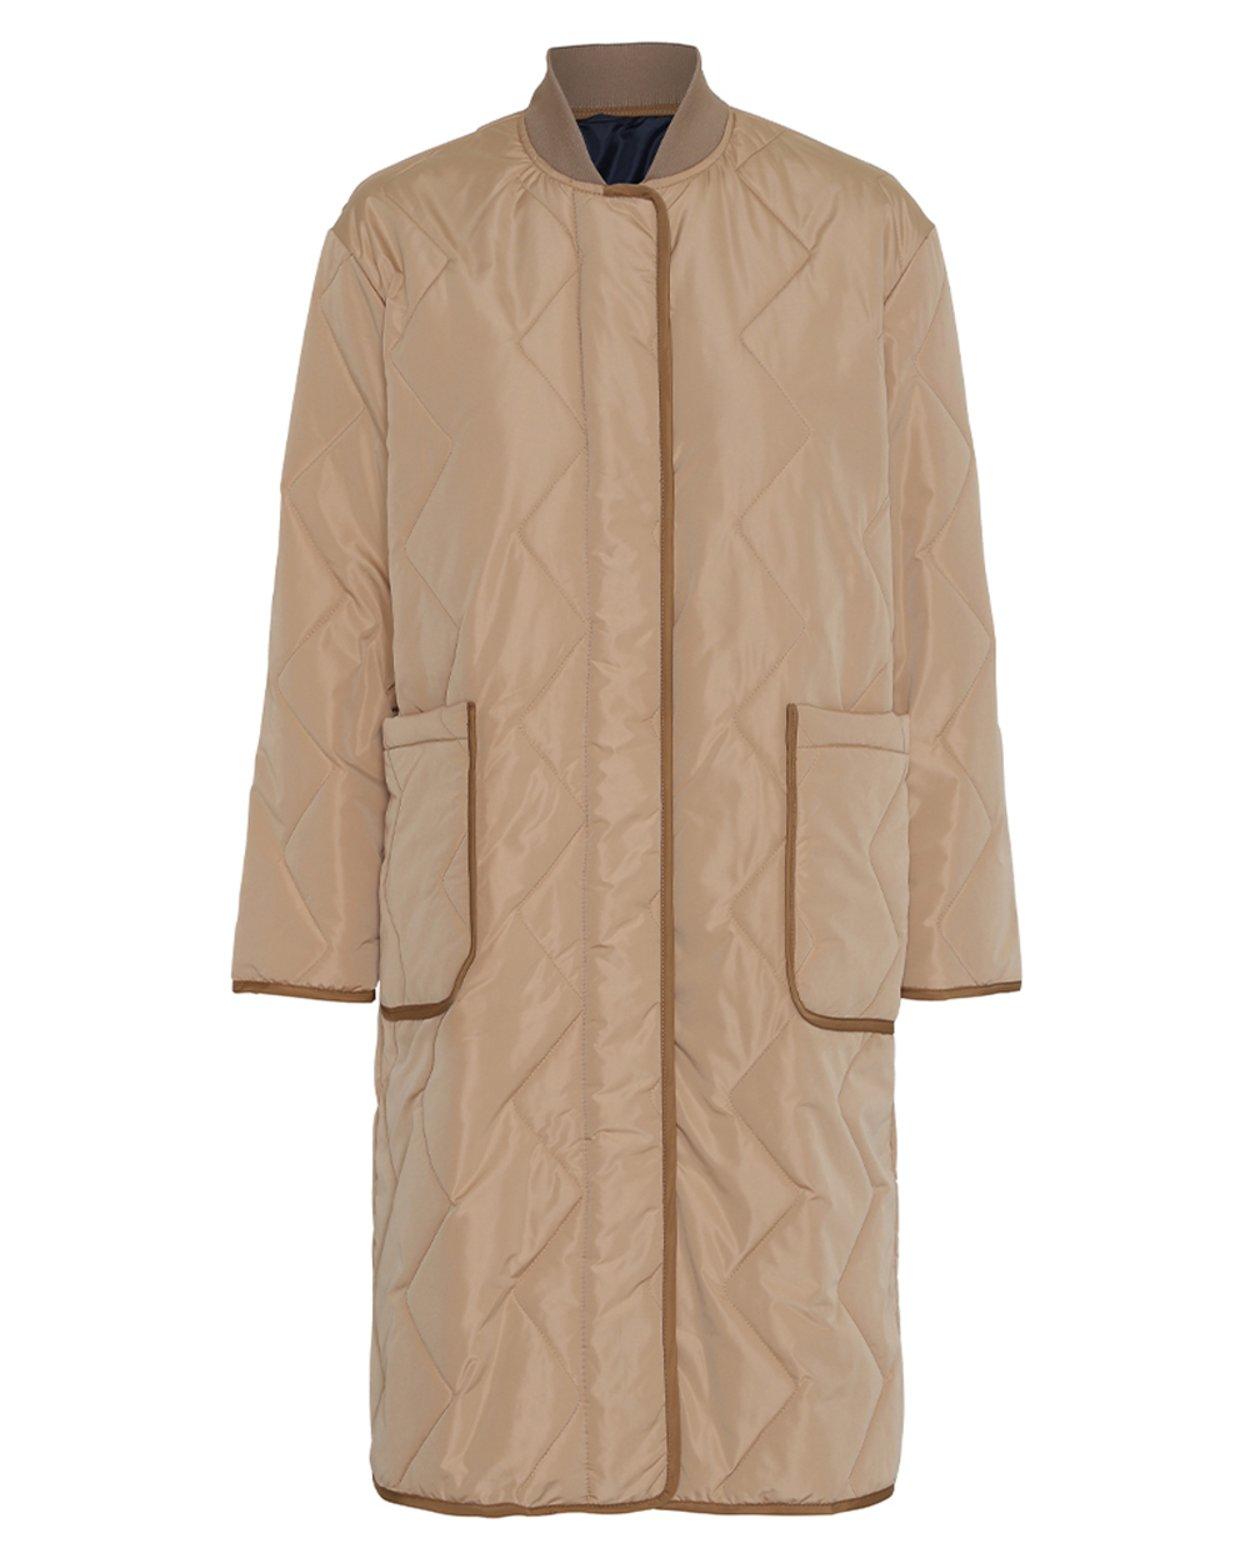 Atley Coat